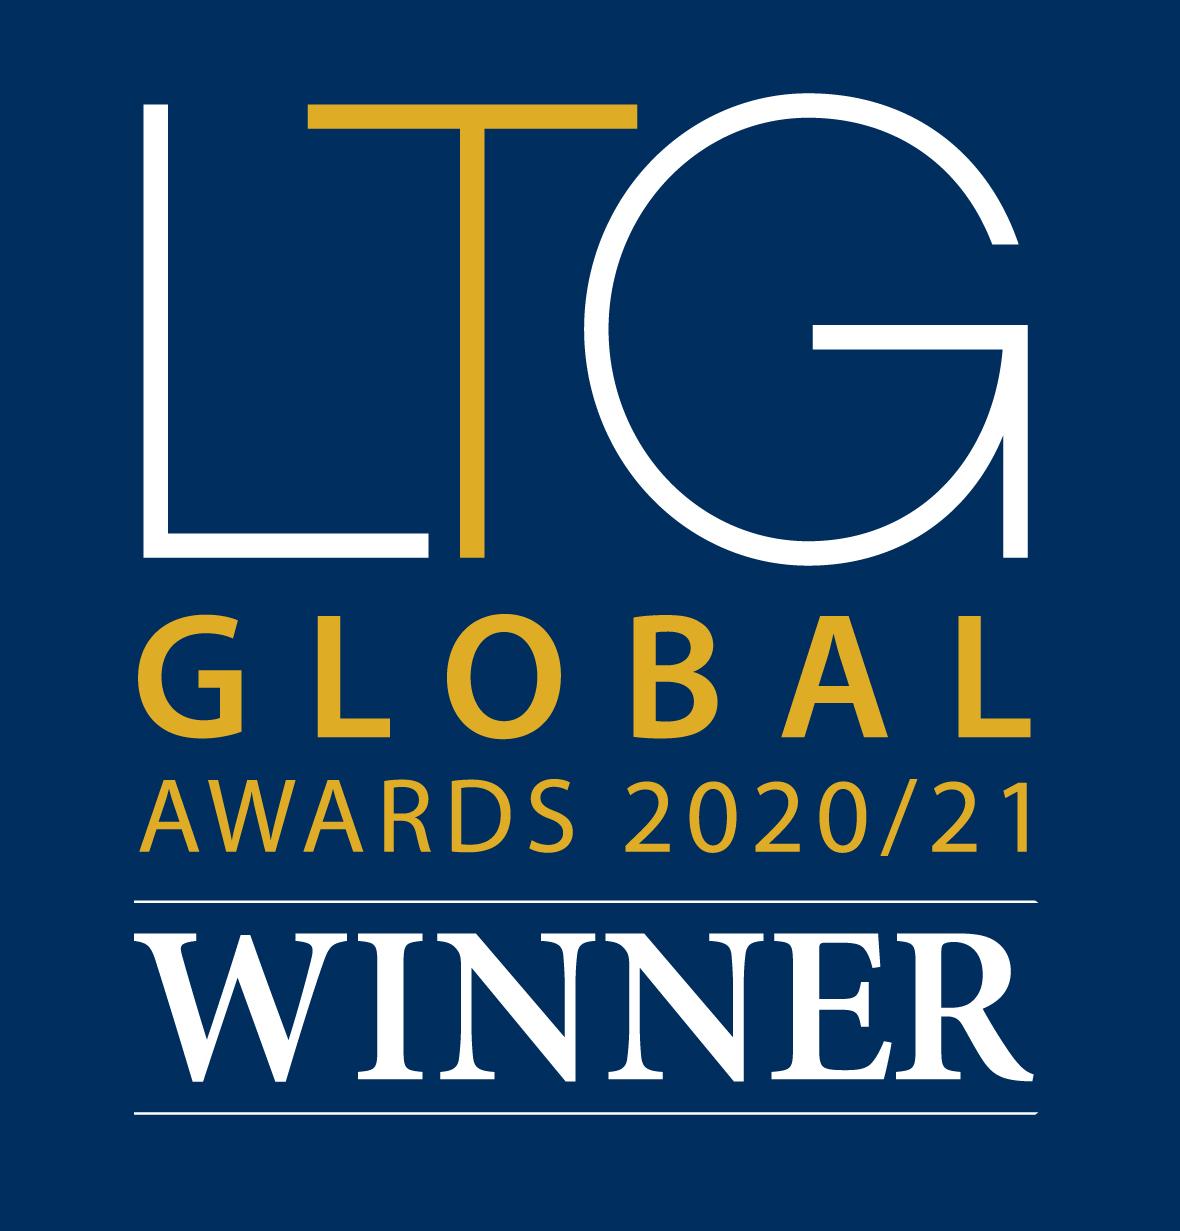 Luxury Travel Guide Global Awards Winner 2020-21 Logo